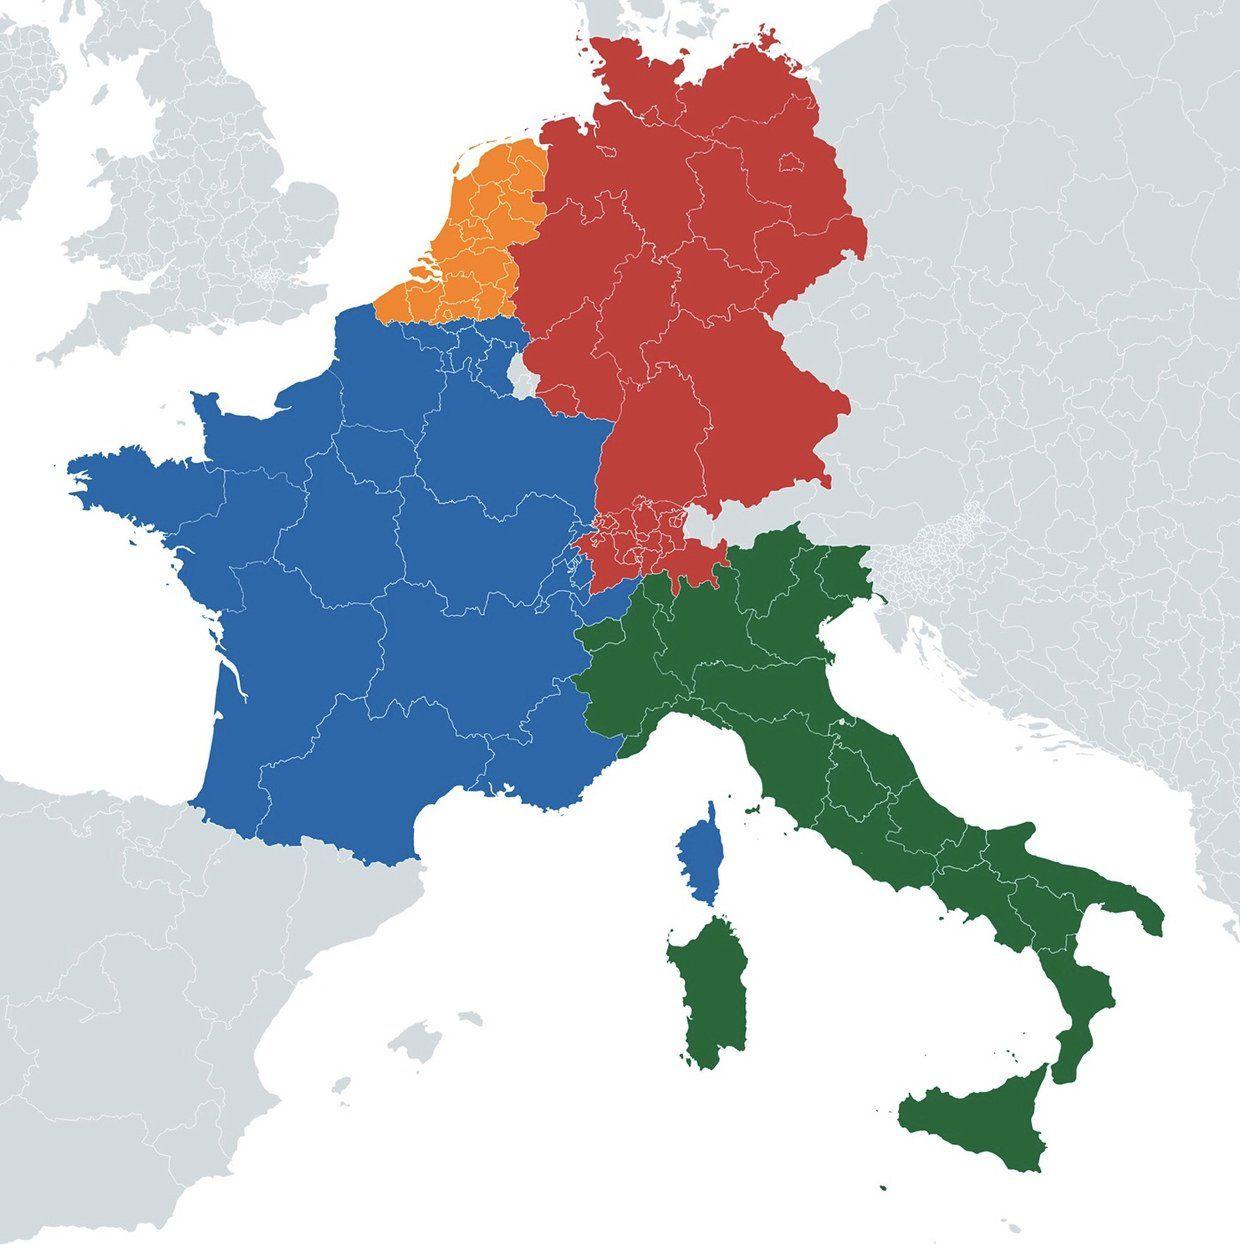 If Regions Of Belgium And Switzerland Merged With Neighboring